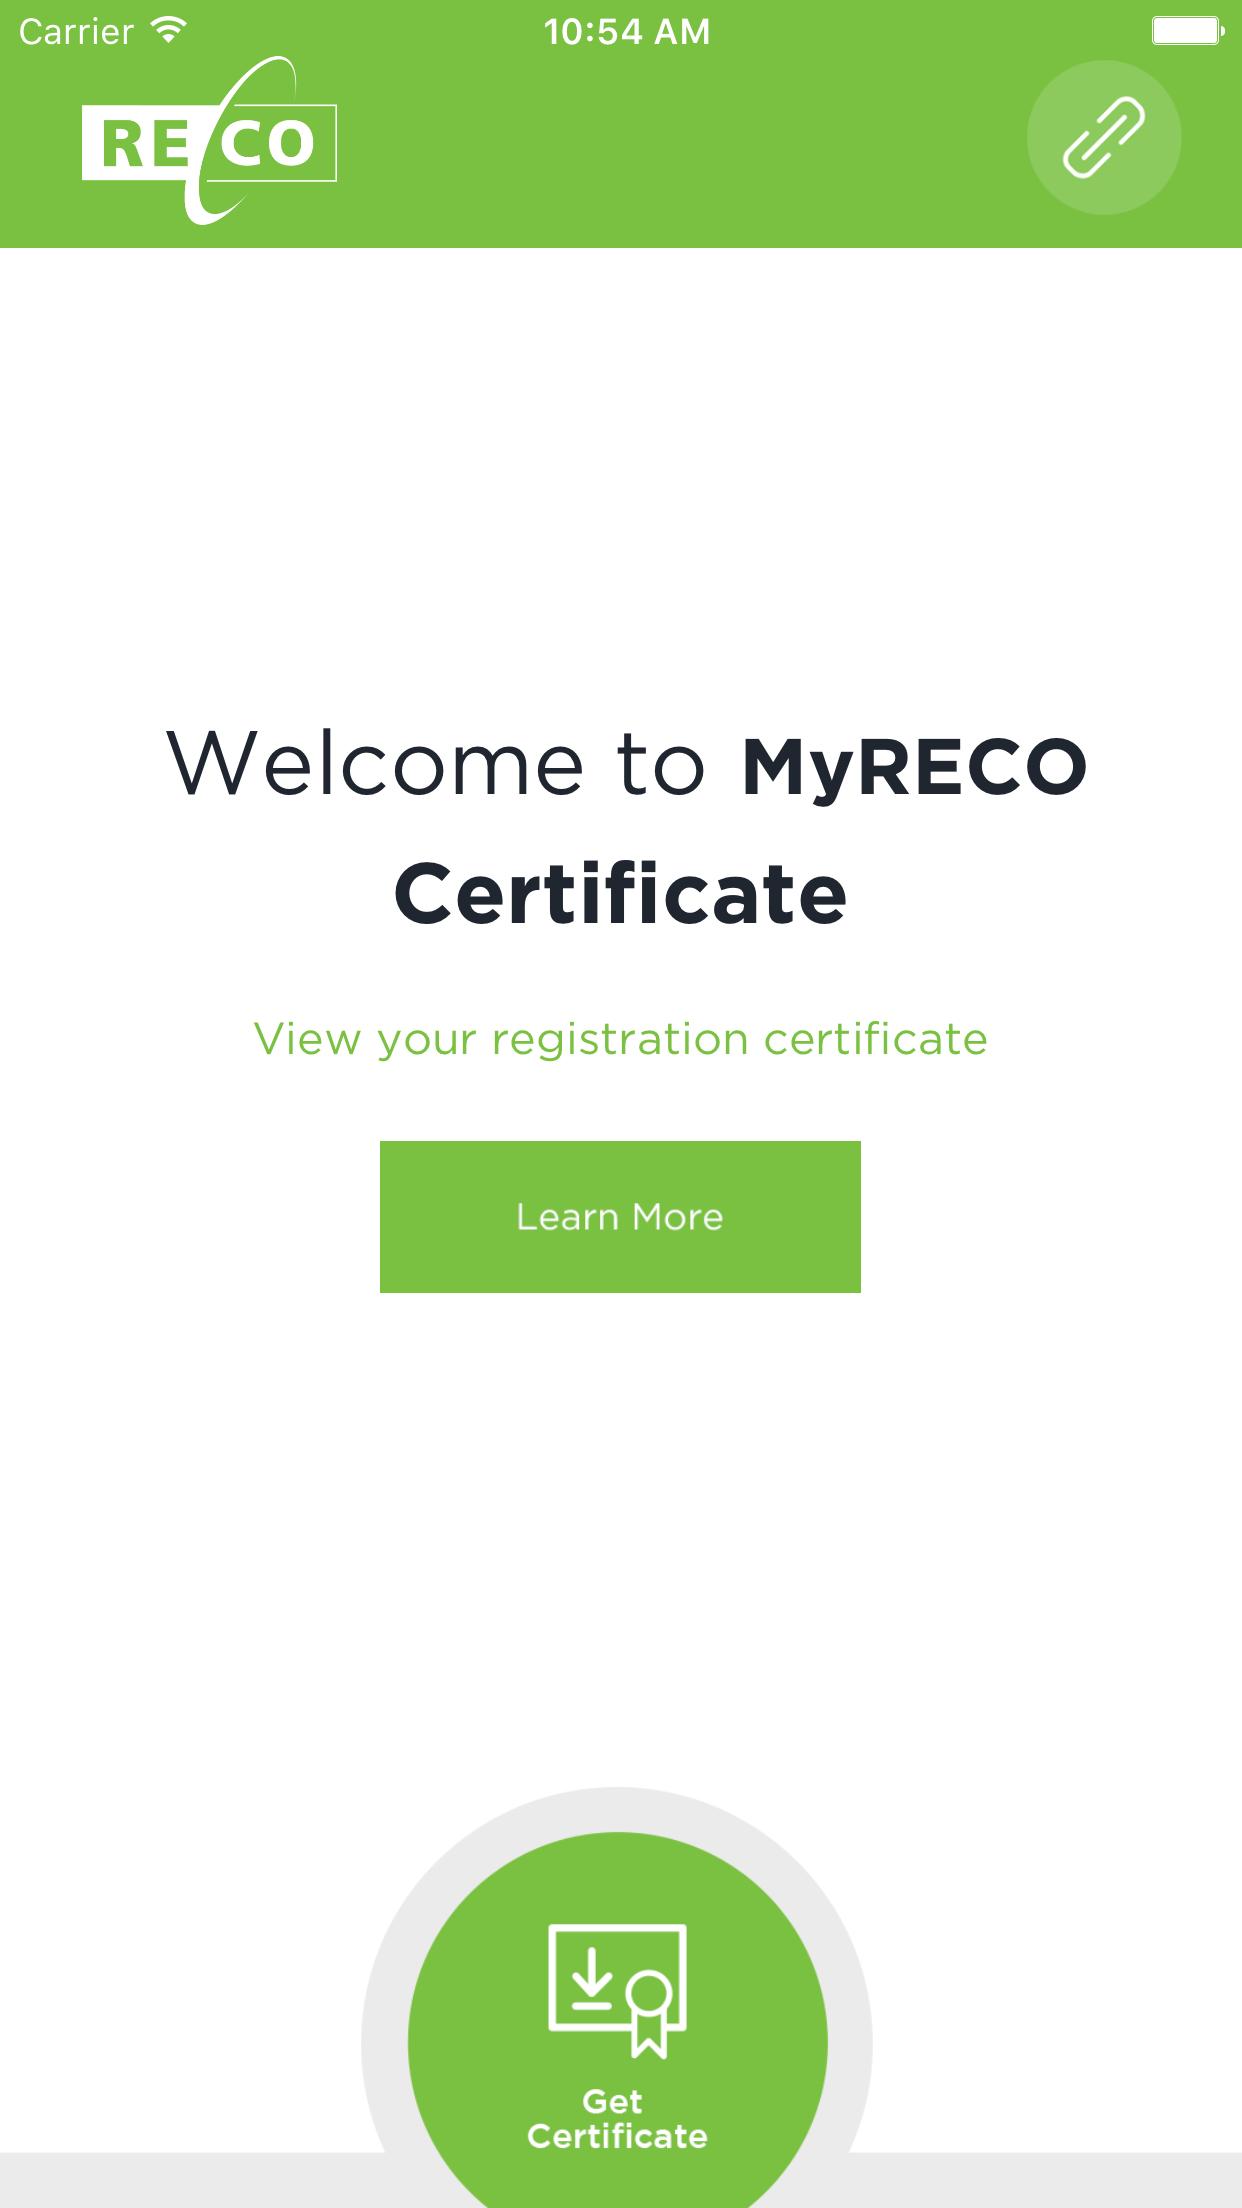 1 Get Certificate